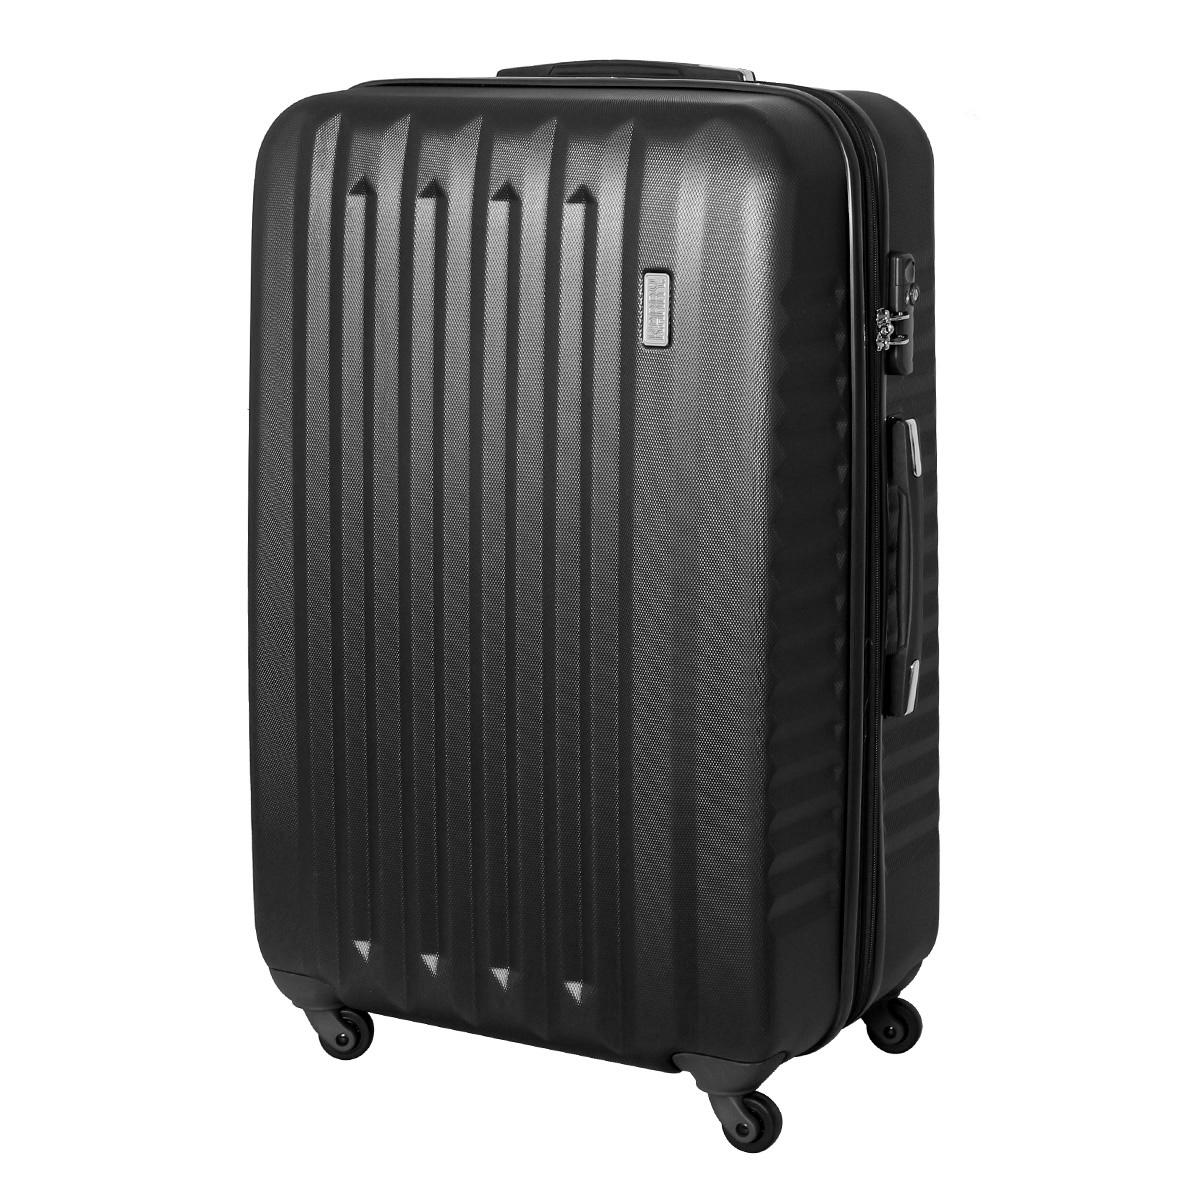 xxl hartschalen koffer tsa zahlenschloss reise 100 liter. Black Bedroom Furniture Sets. Home Design Ideas